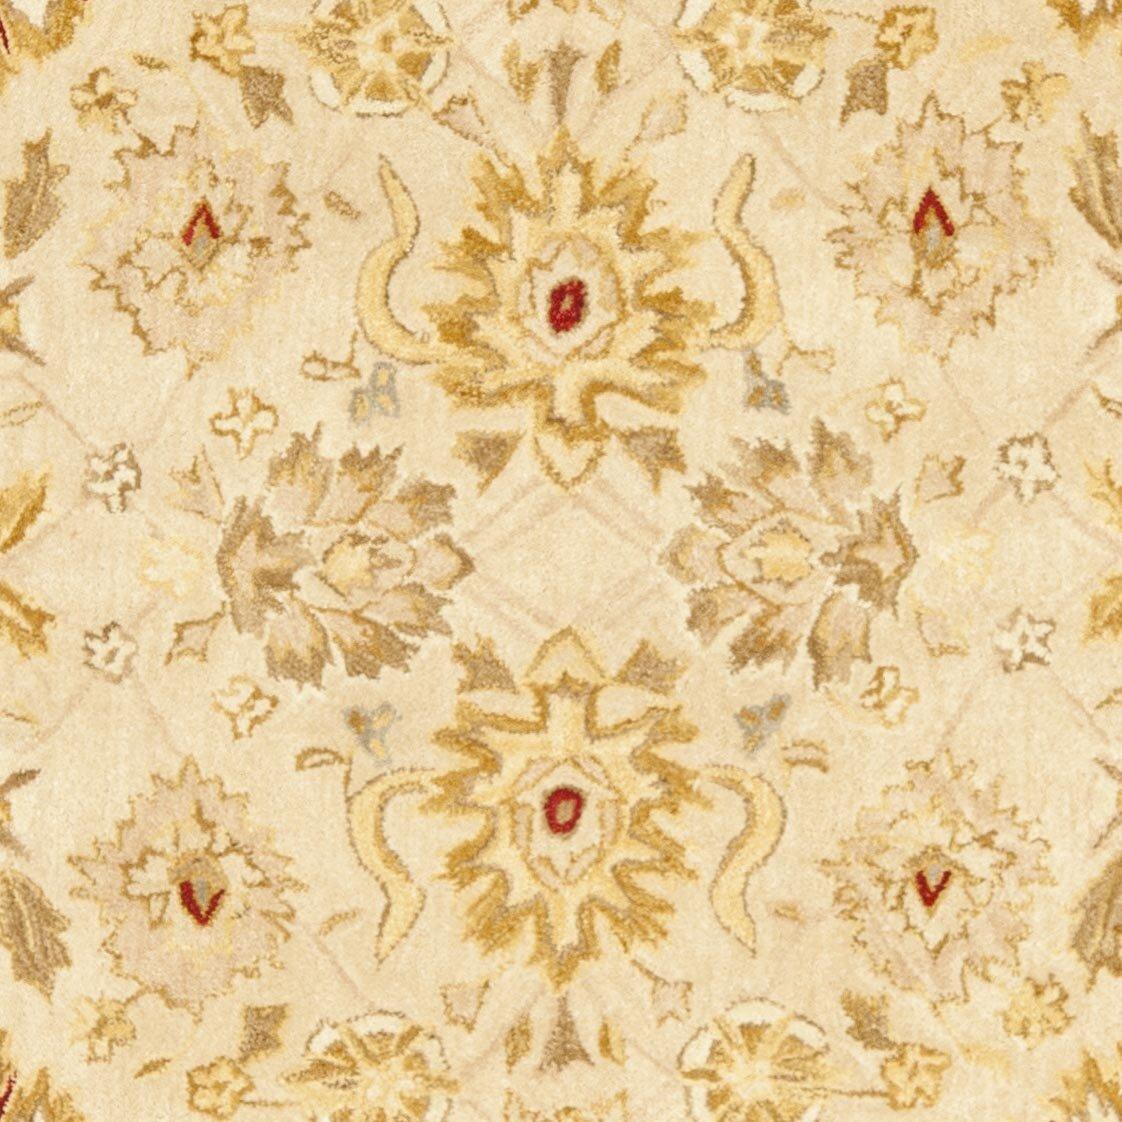 Safavieh Anatolia Ivory/Red Area Rug u0026 Reviews : Wayfair